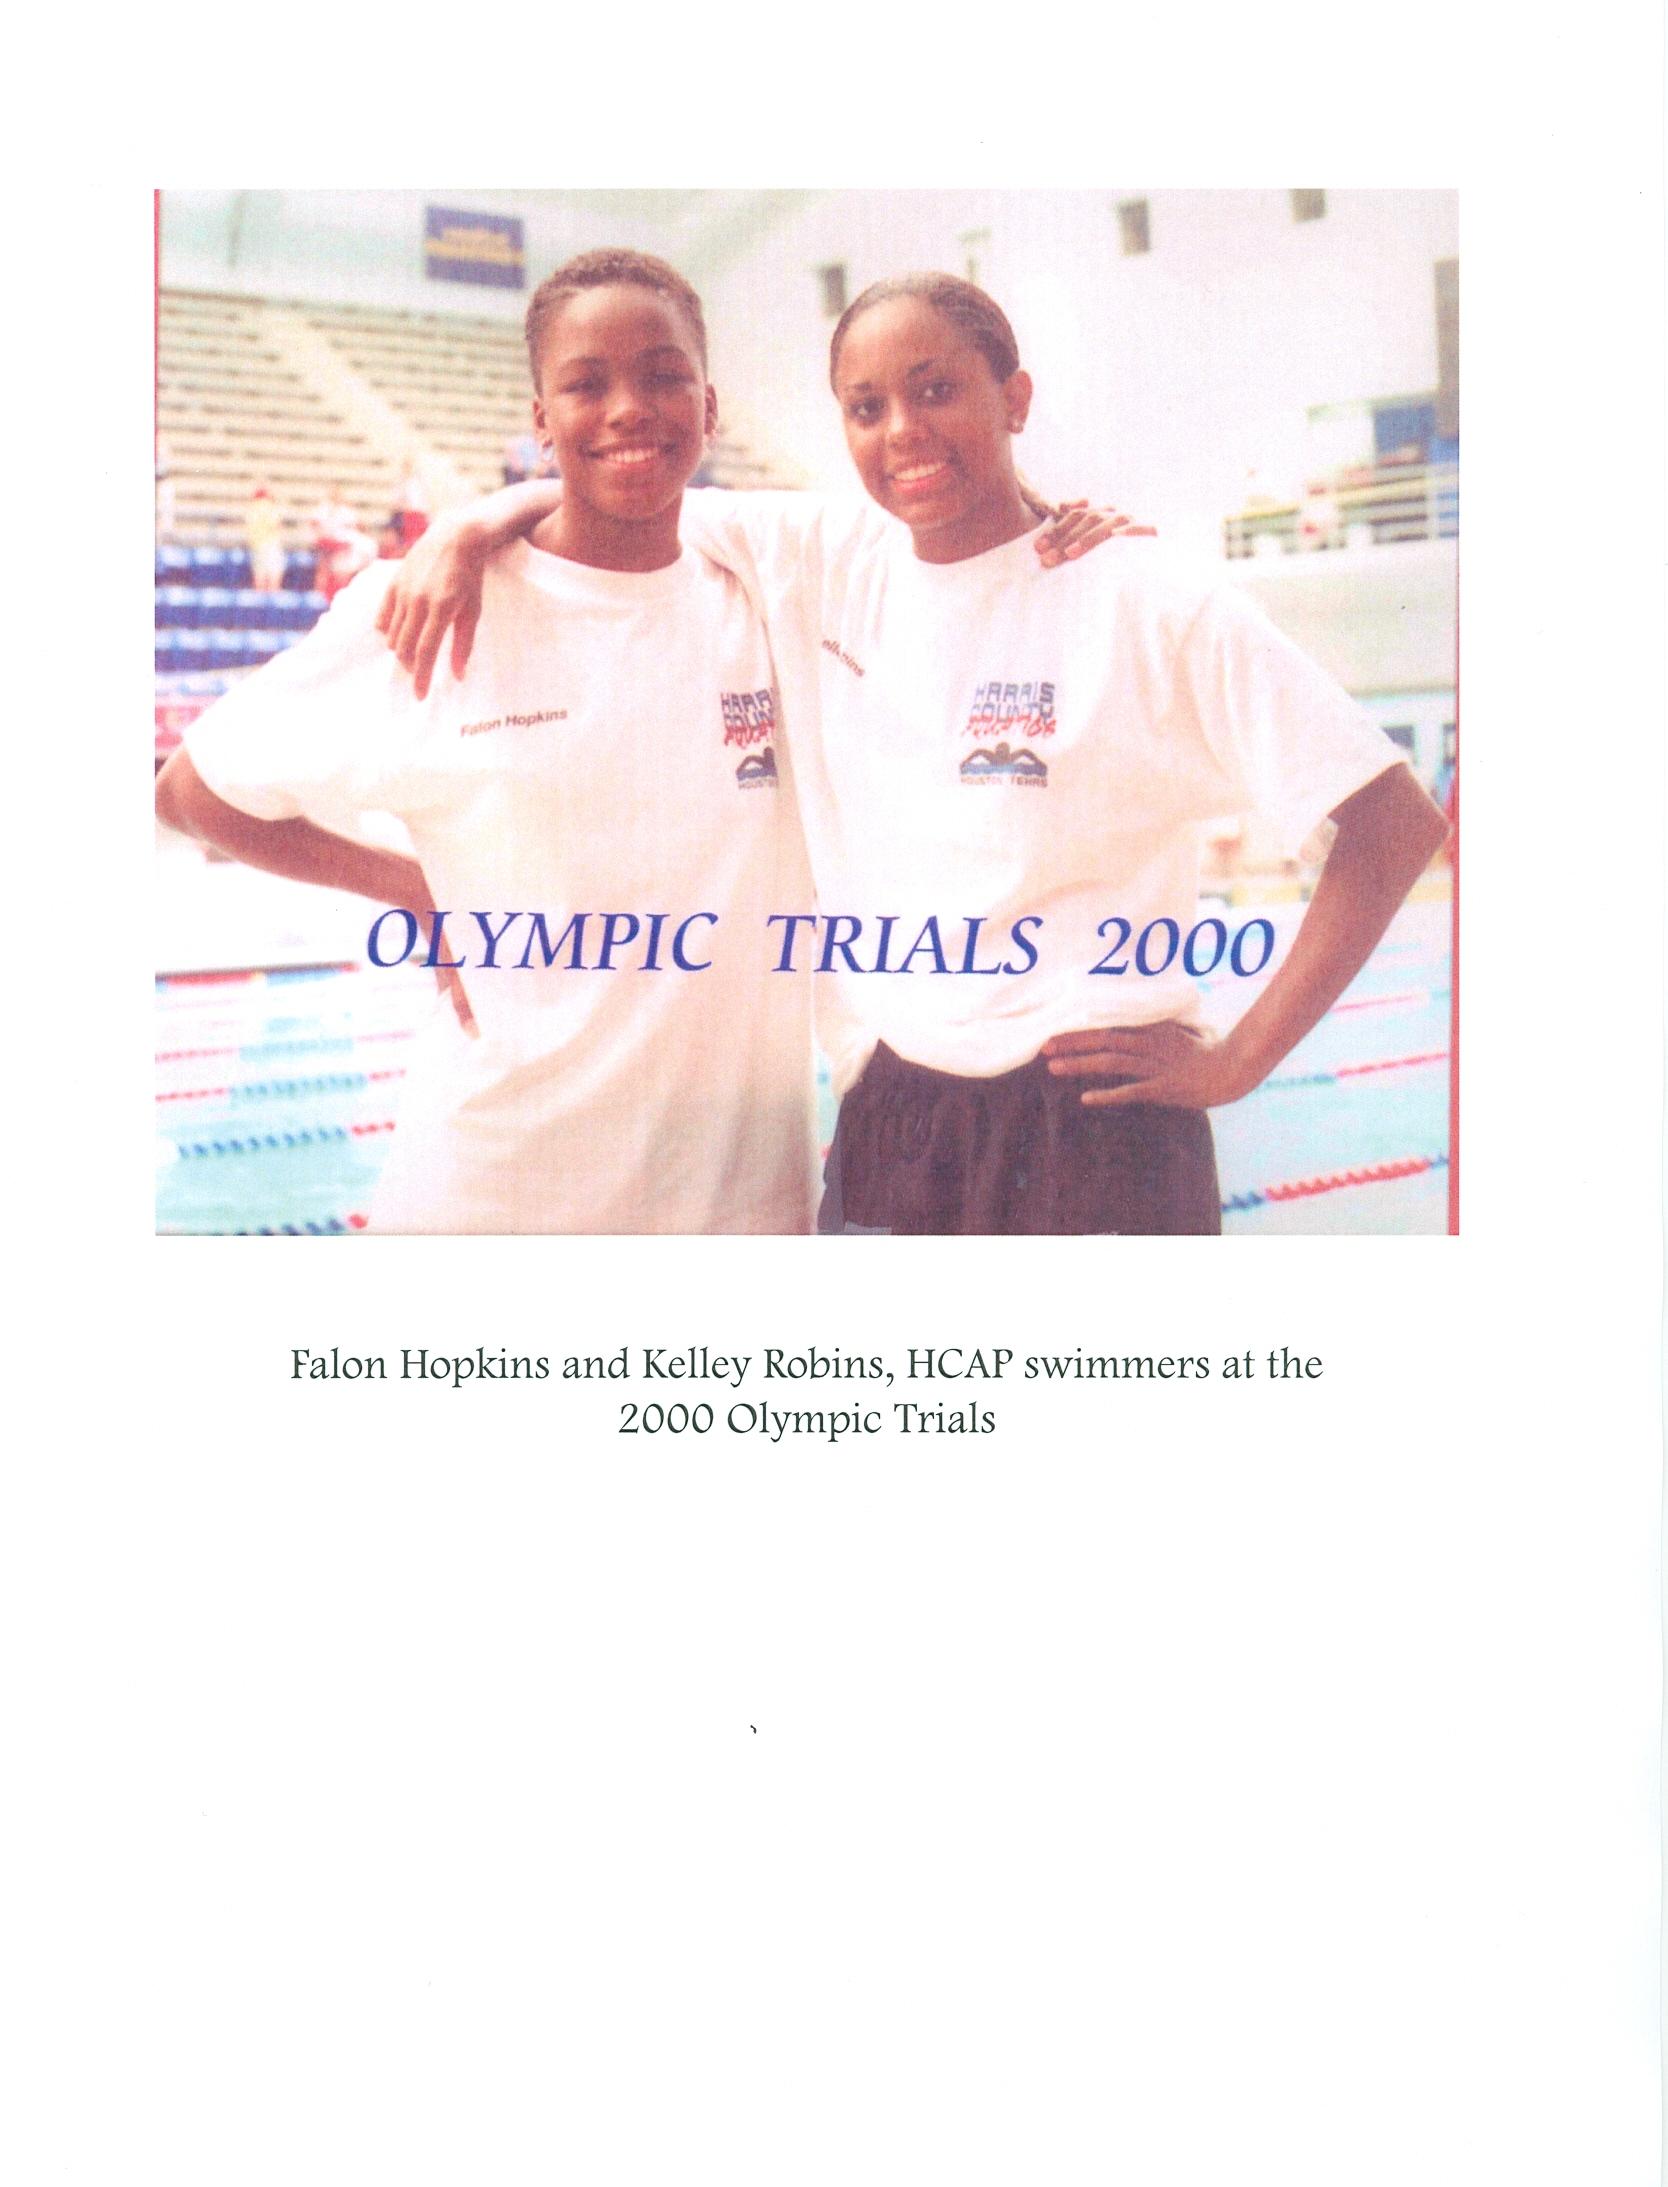 Falon and Kelly.jpg